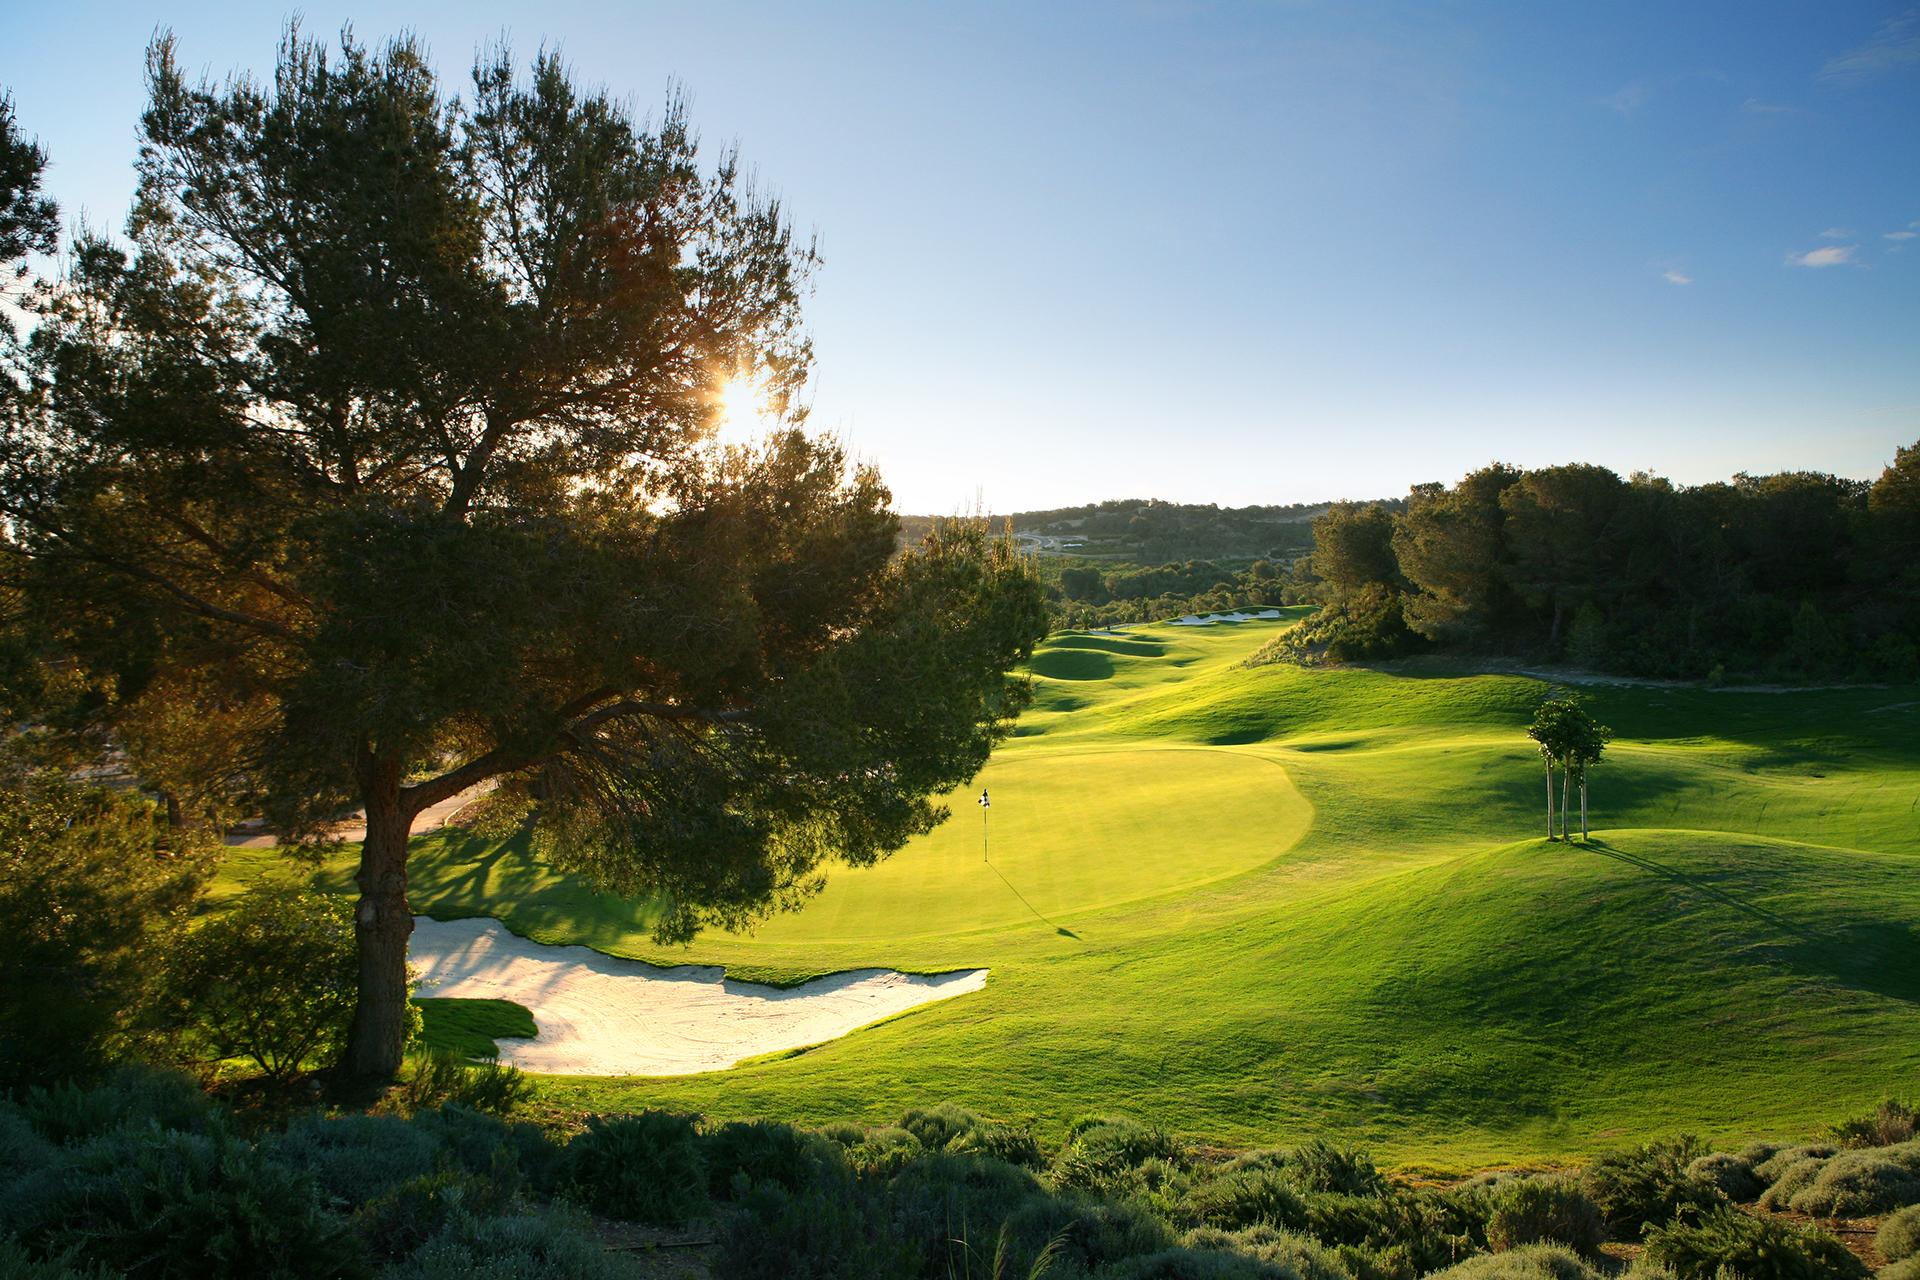 Golf-Expedition-Golf-reizen-Spanje-Regio-Valencia-Las-Colinas-Golf-and-Country-Club-golf-course-hole-1